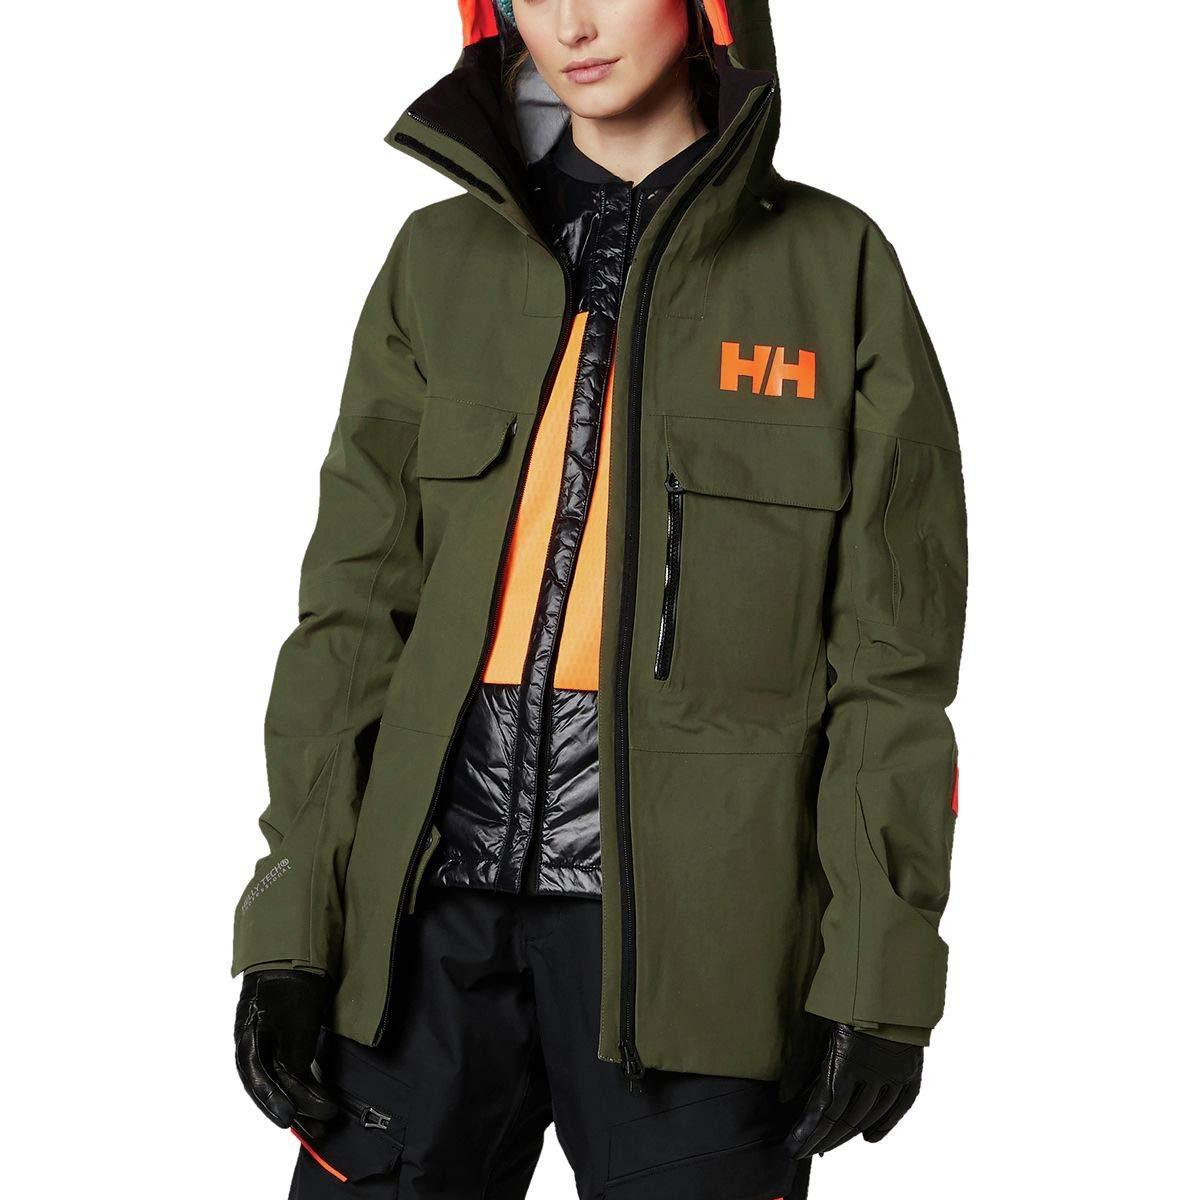 (ヘリーハンセン)Helly XS) Hansen Maroi Shell Ivy Jacket レディース Jacket ジャケットIvy Green [並行輸入品] B07JX78SHJ 日本サイズ S相当 (US XS)|Ivy Green Ivy Green 日本サイズ S相当 (US XS), URCHIN(アーチン):ca629f6c --- melk21.ir